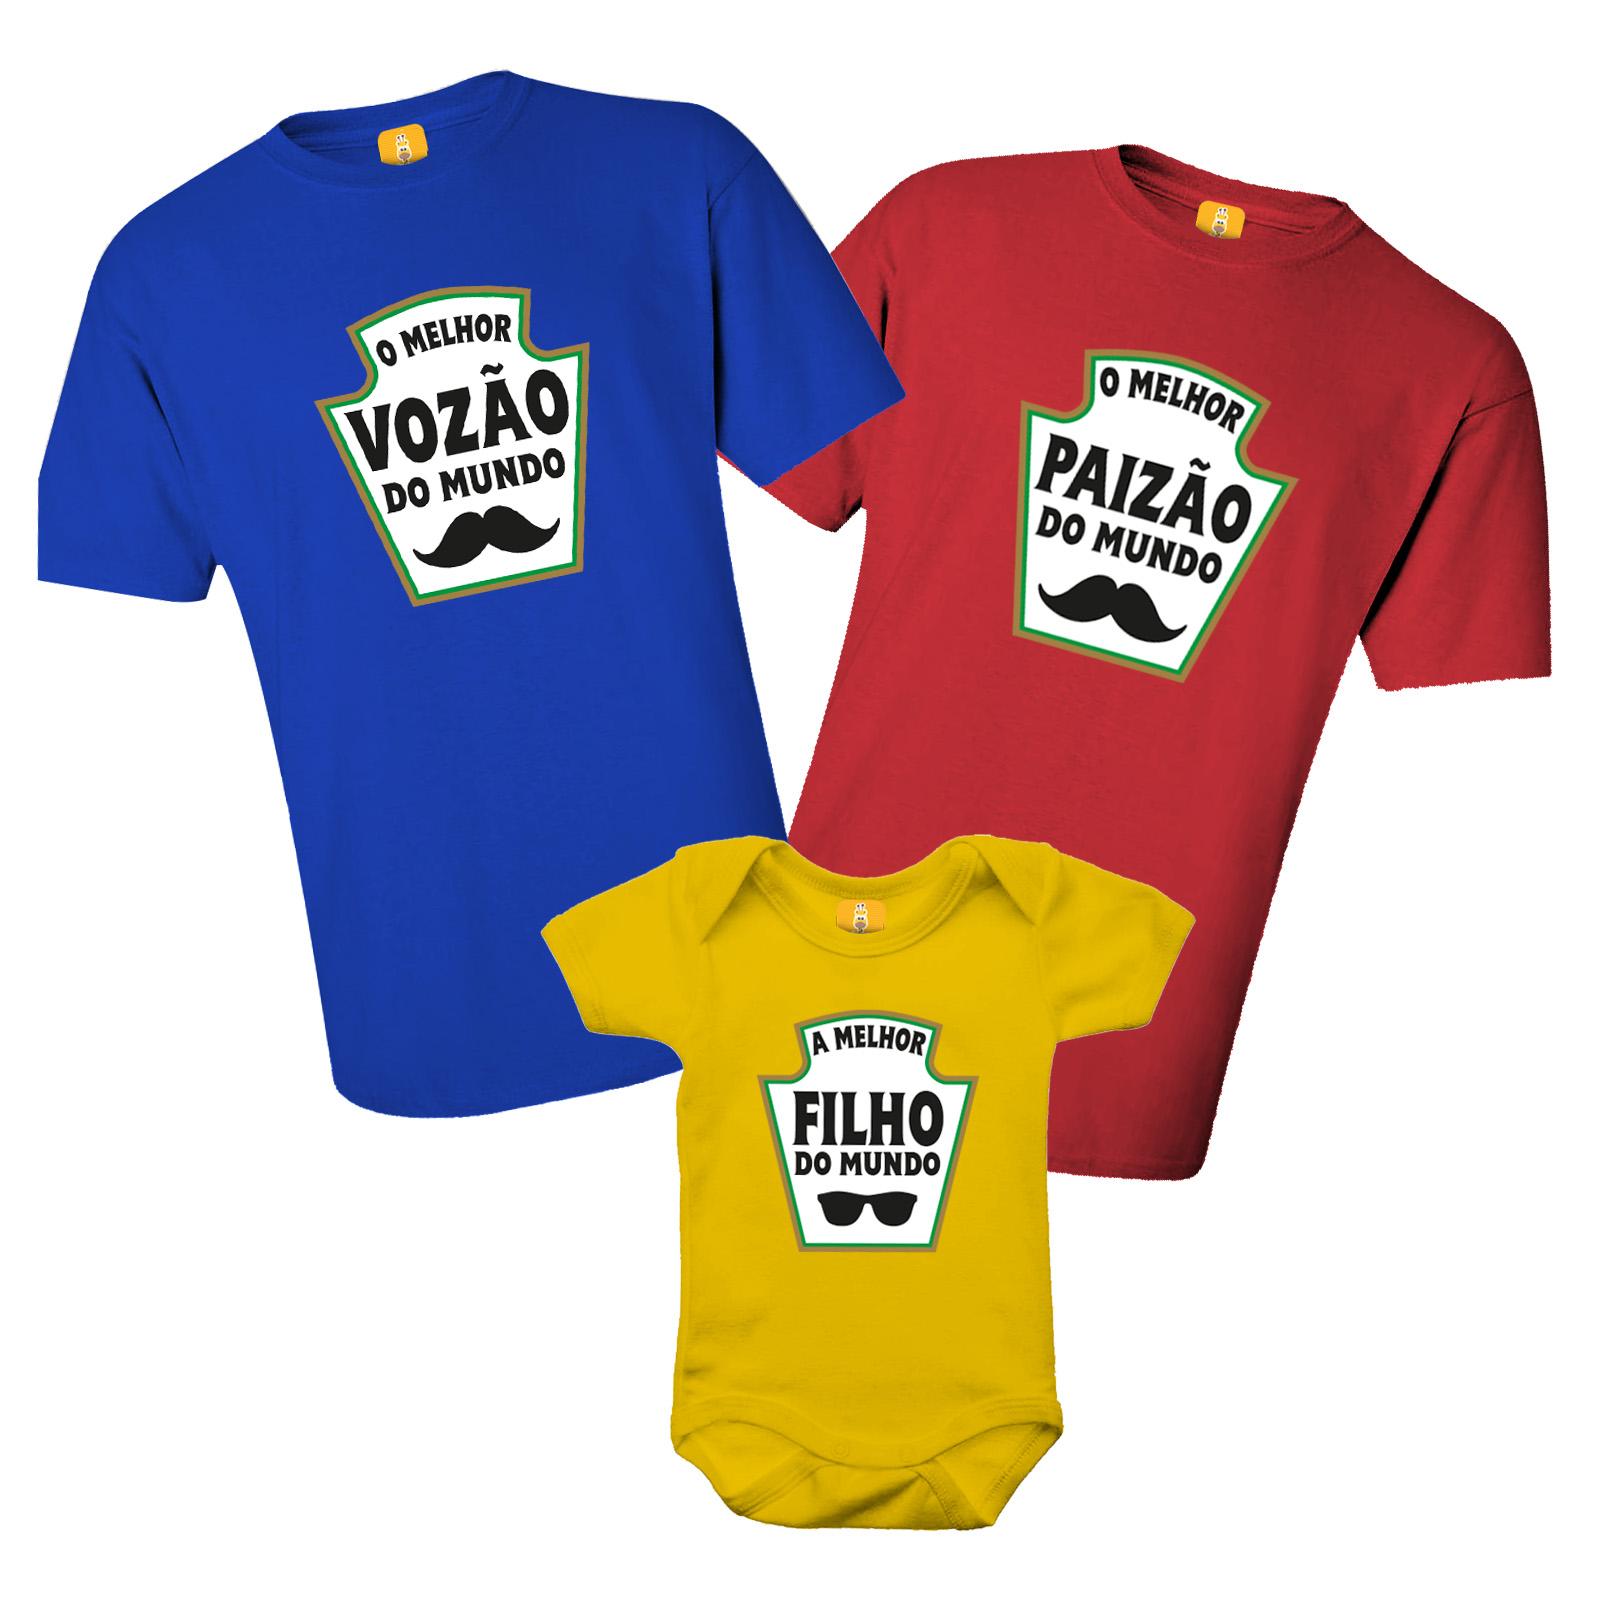 Kit De Camiseta Avô Pai Filho (a) - Heinz - Ketchup, Mostarda e Maionese